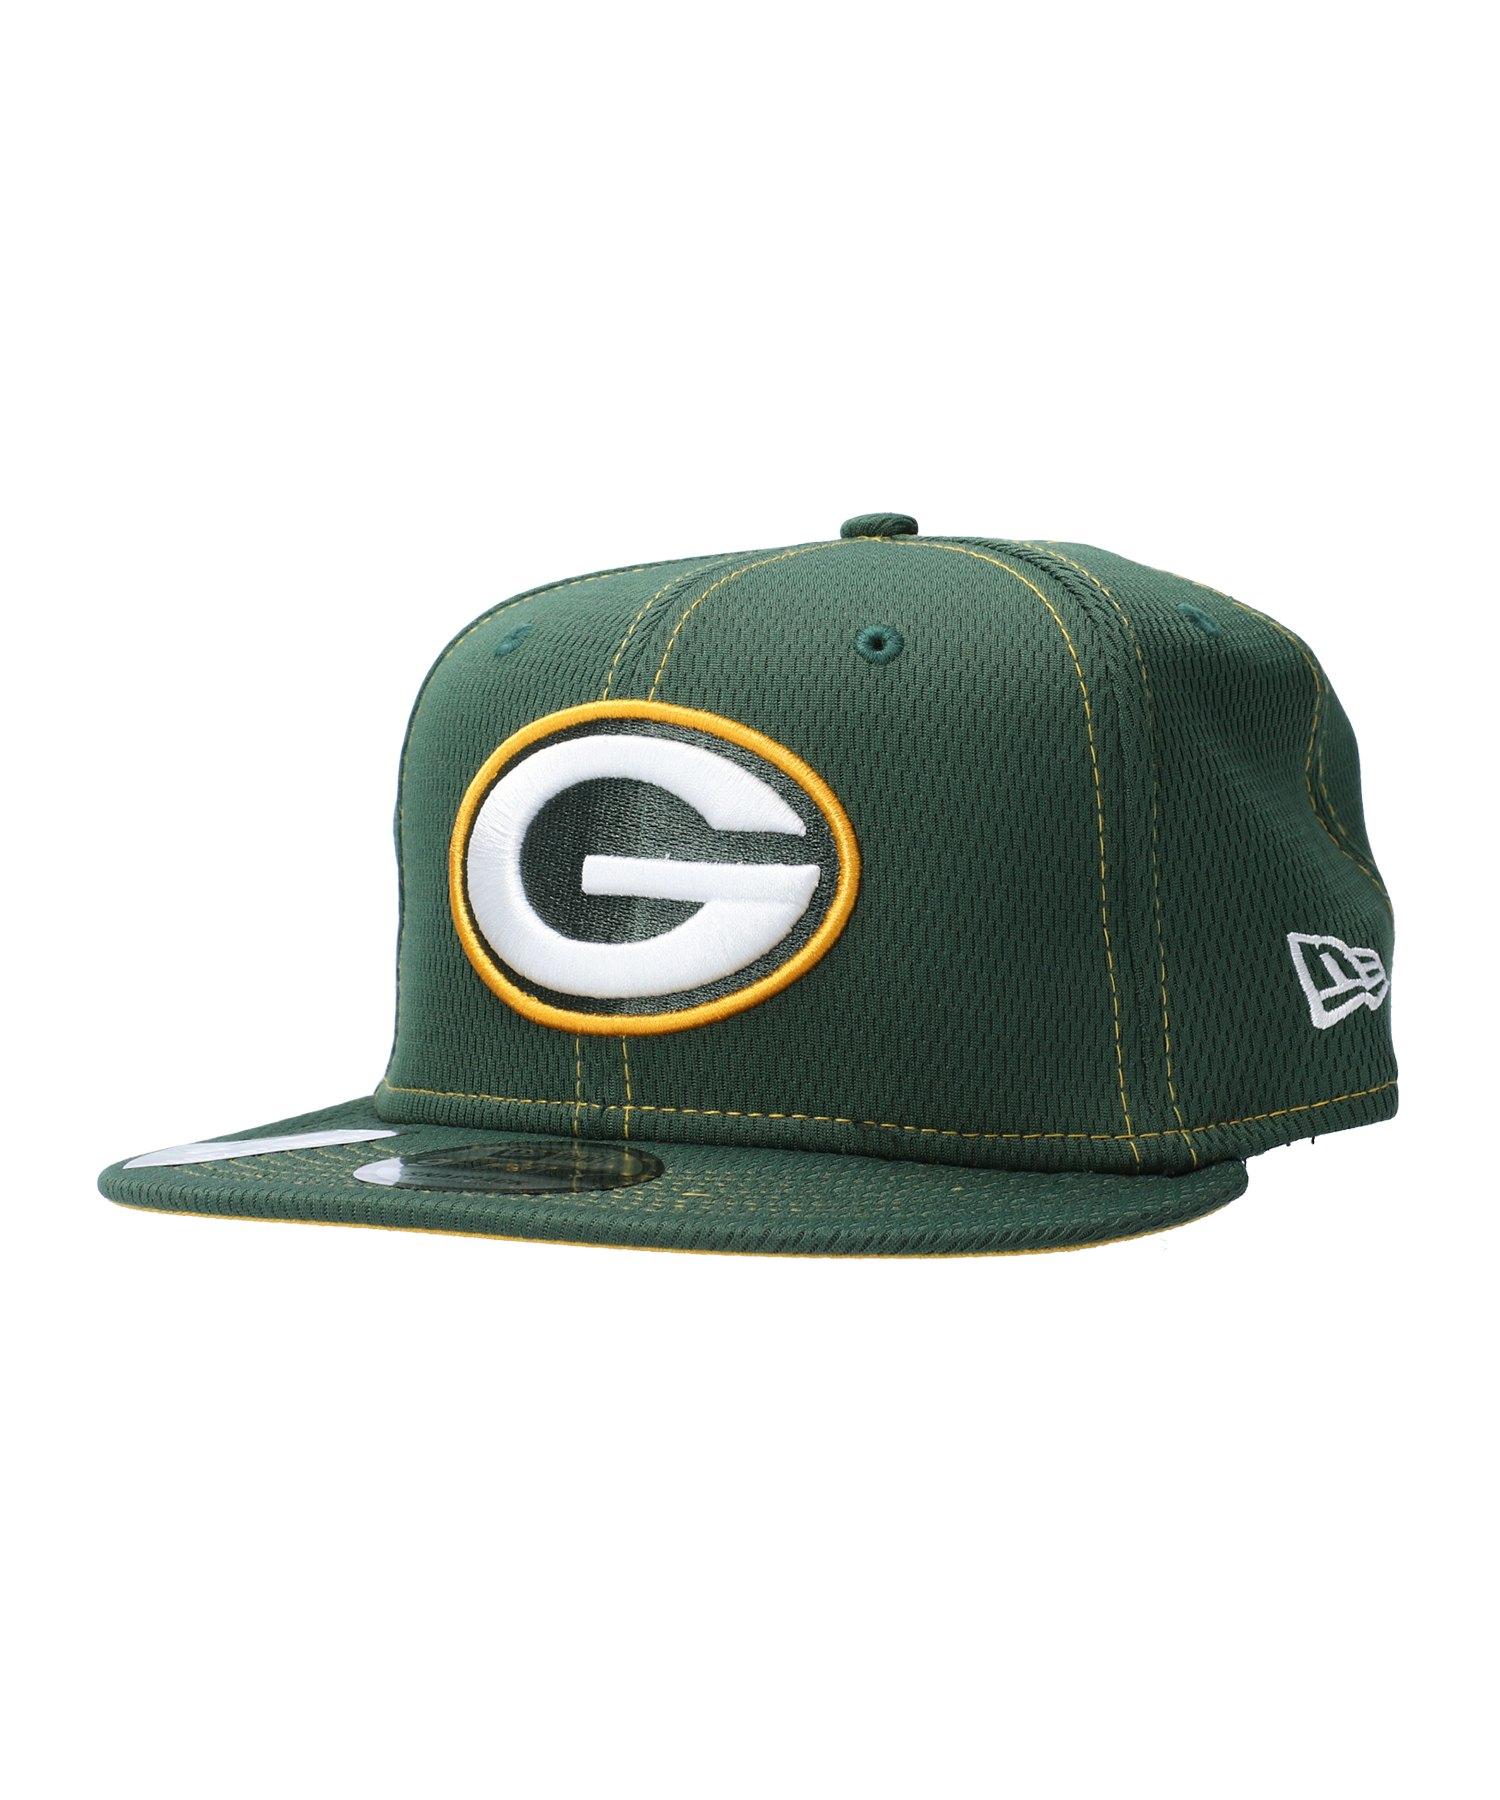 New Era NFL Green Bay Packers 9Fifty OTC Cap Grün - gruen